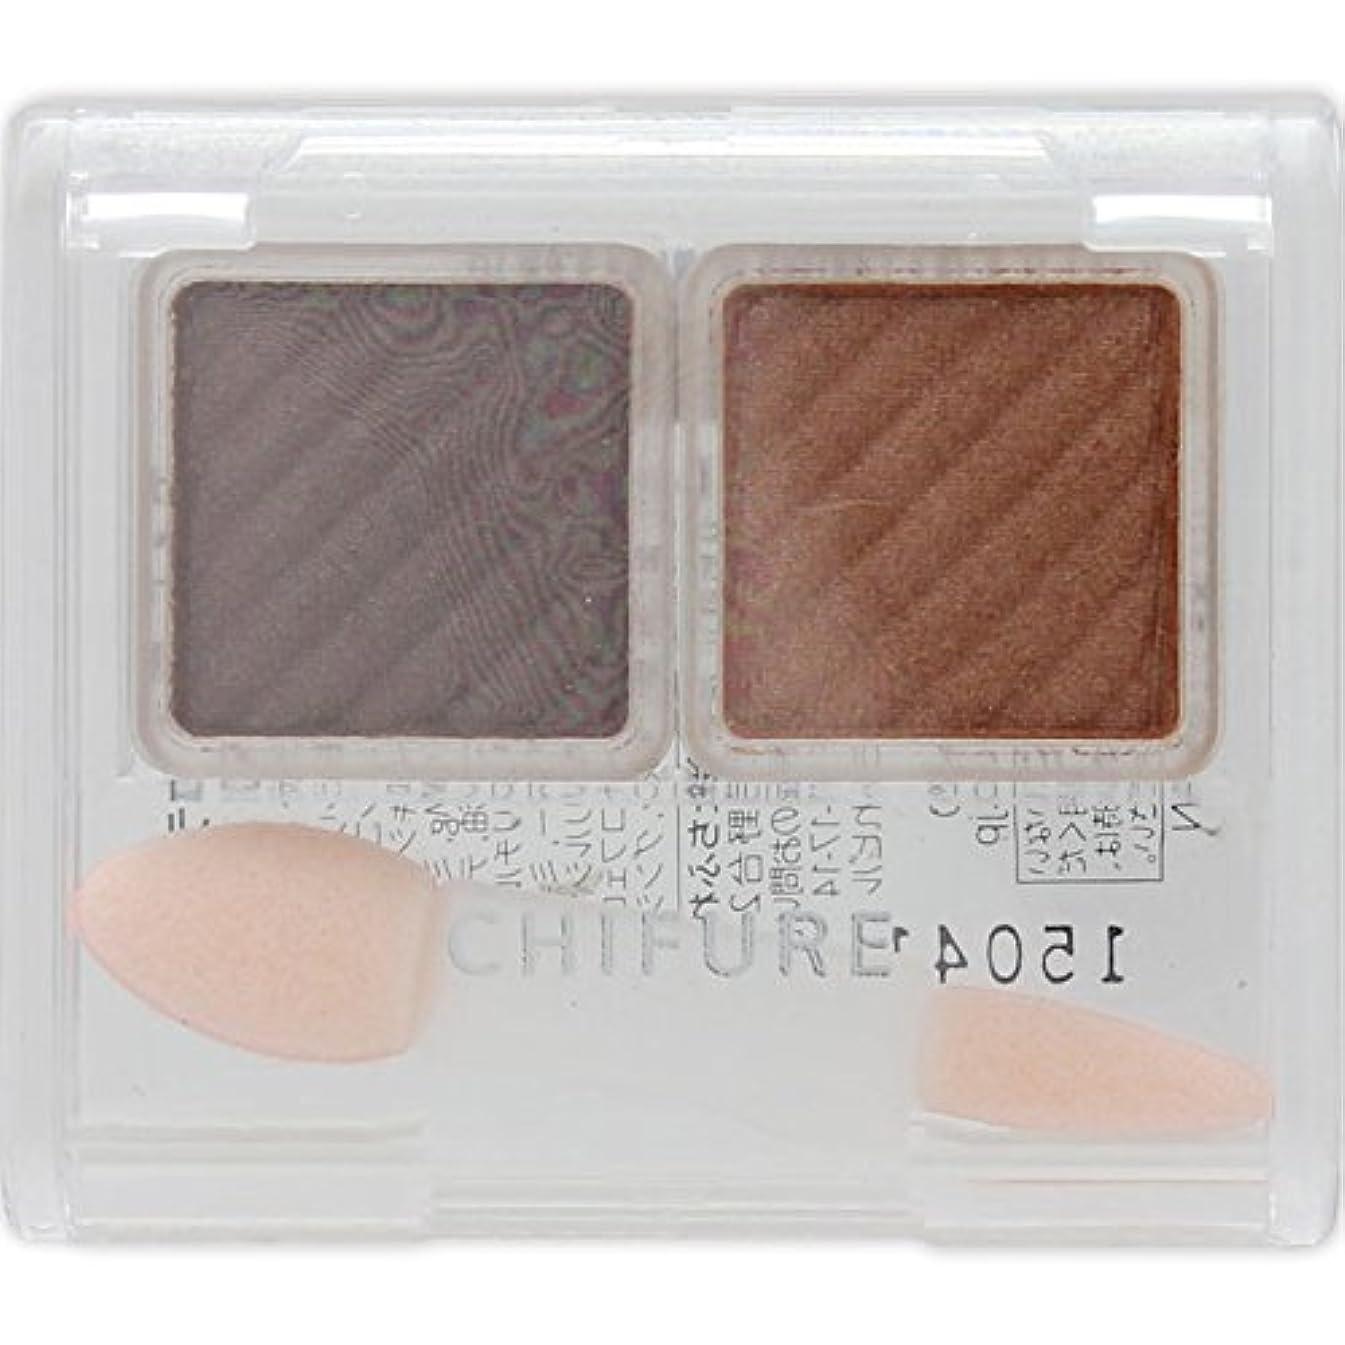 現金期待してパブちふれ化粧品 アイ カラー(チップ付) チョコレートブラウン 70番